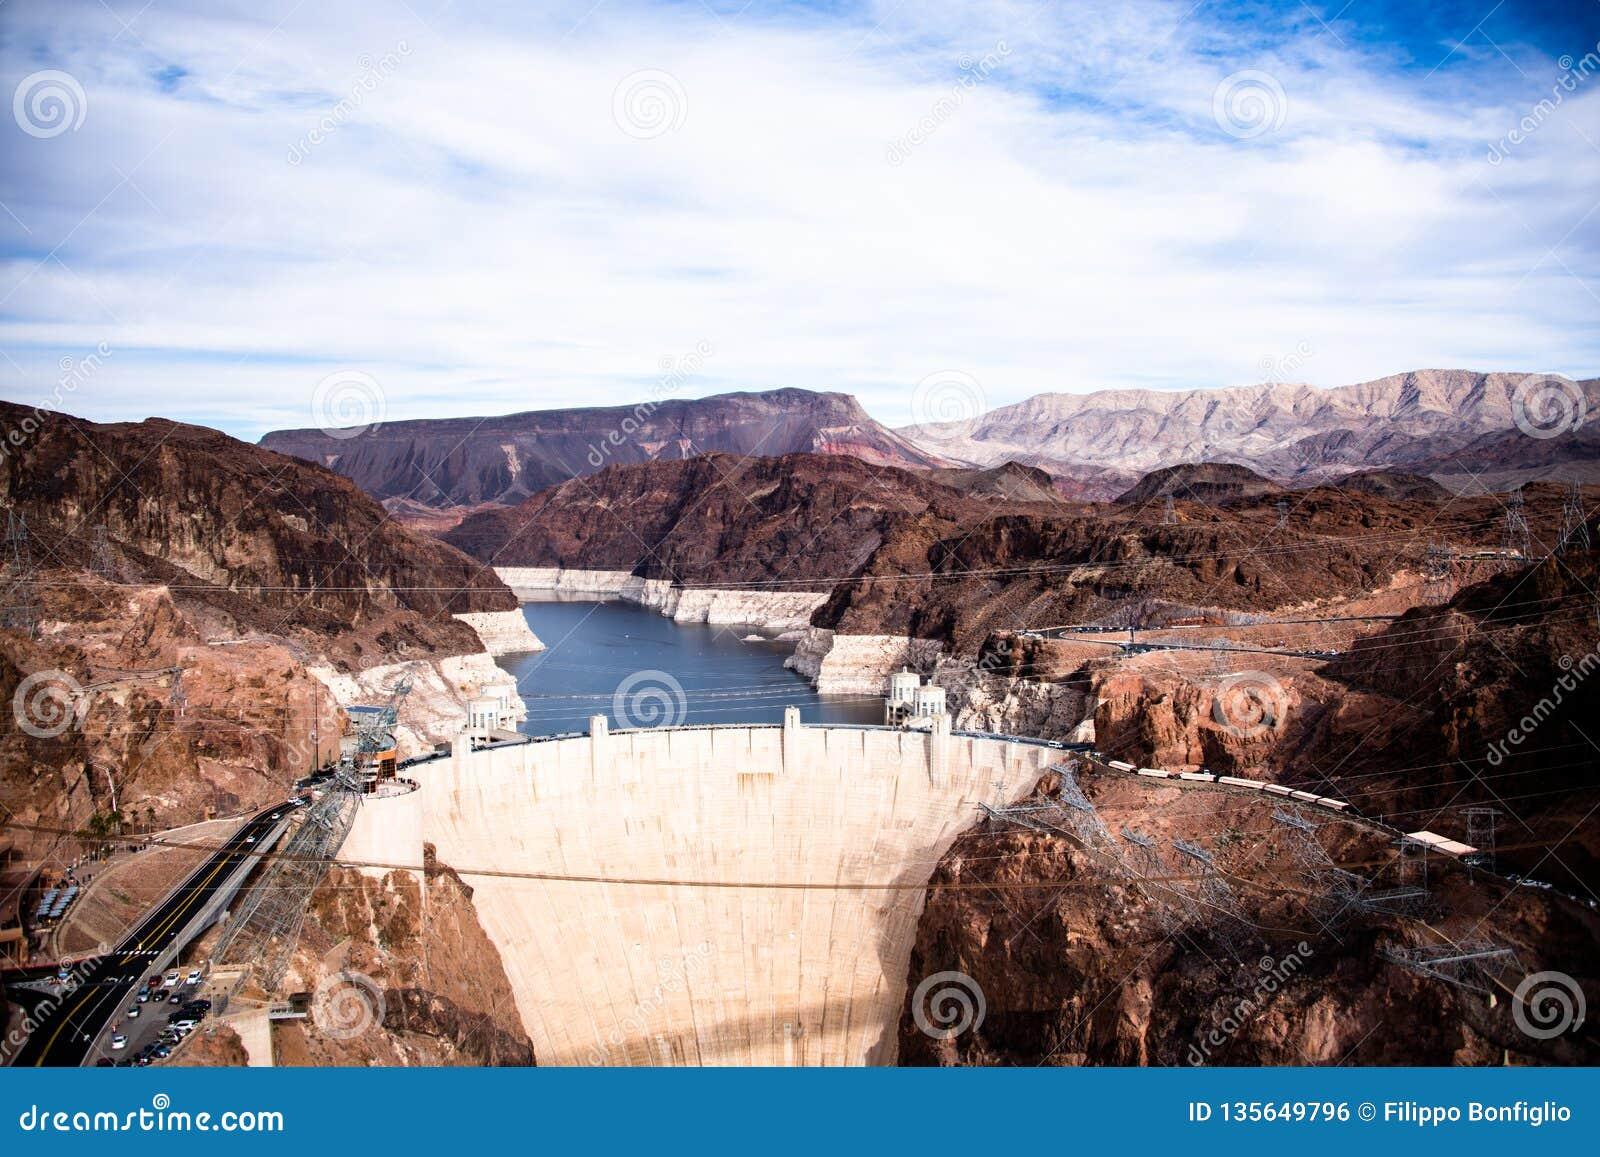 Presa Hoover una obra maestra arquitectónica en la frontera entre Nevada y Arizona